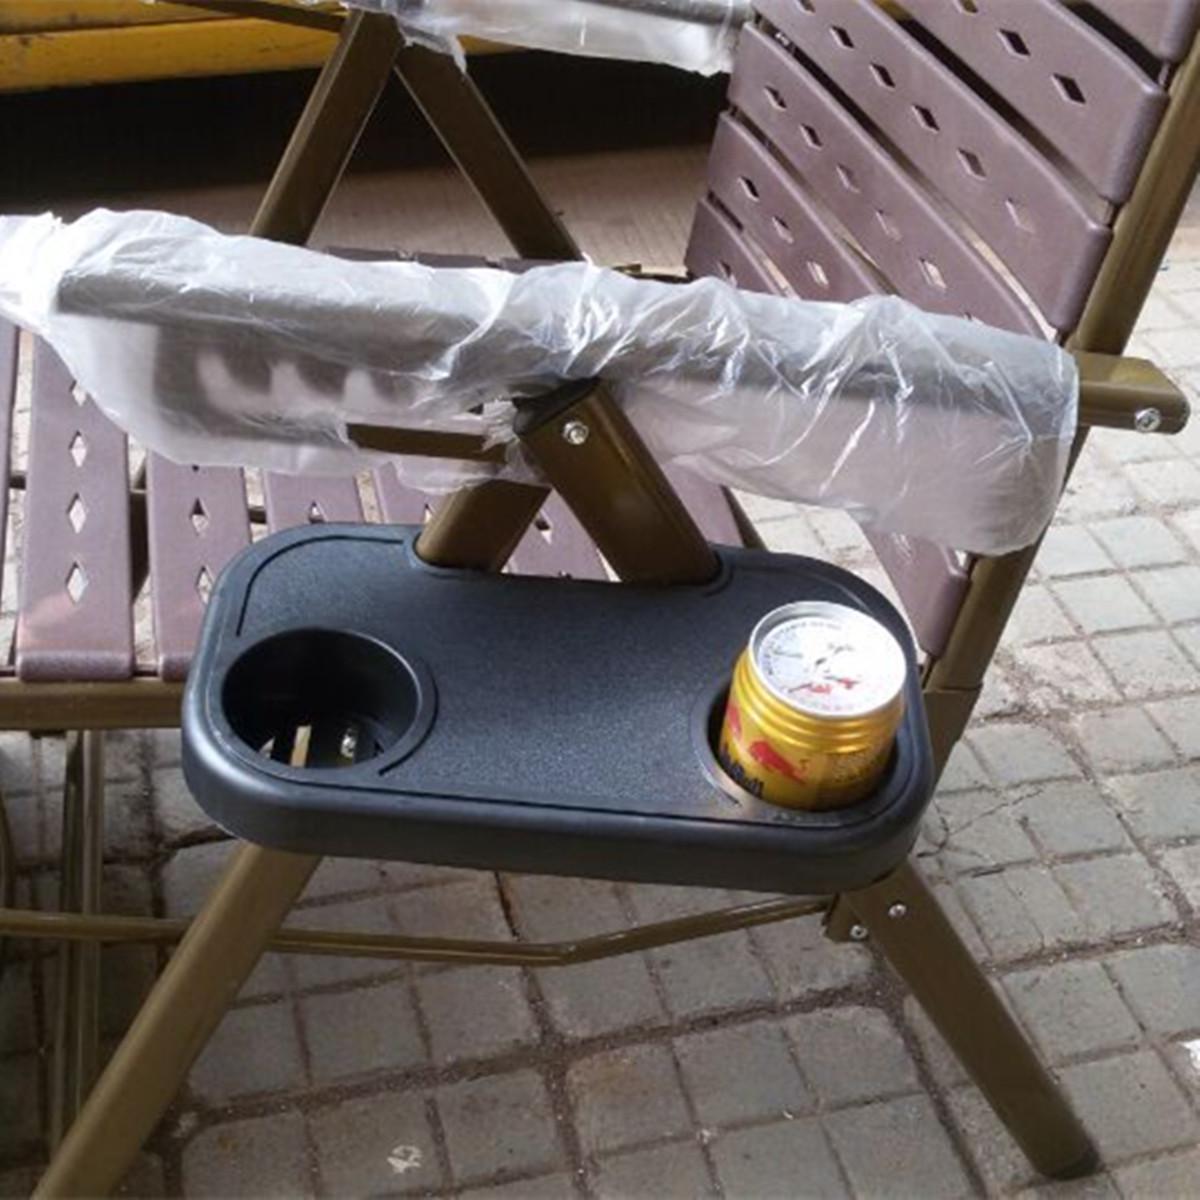 clip-en silla relajante lado escritorio titular de la materia de beber vaso de plástico